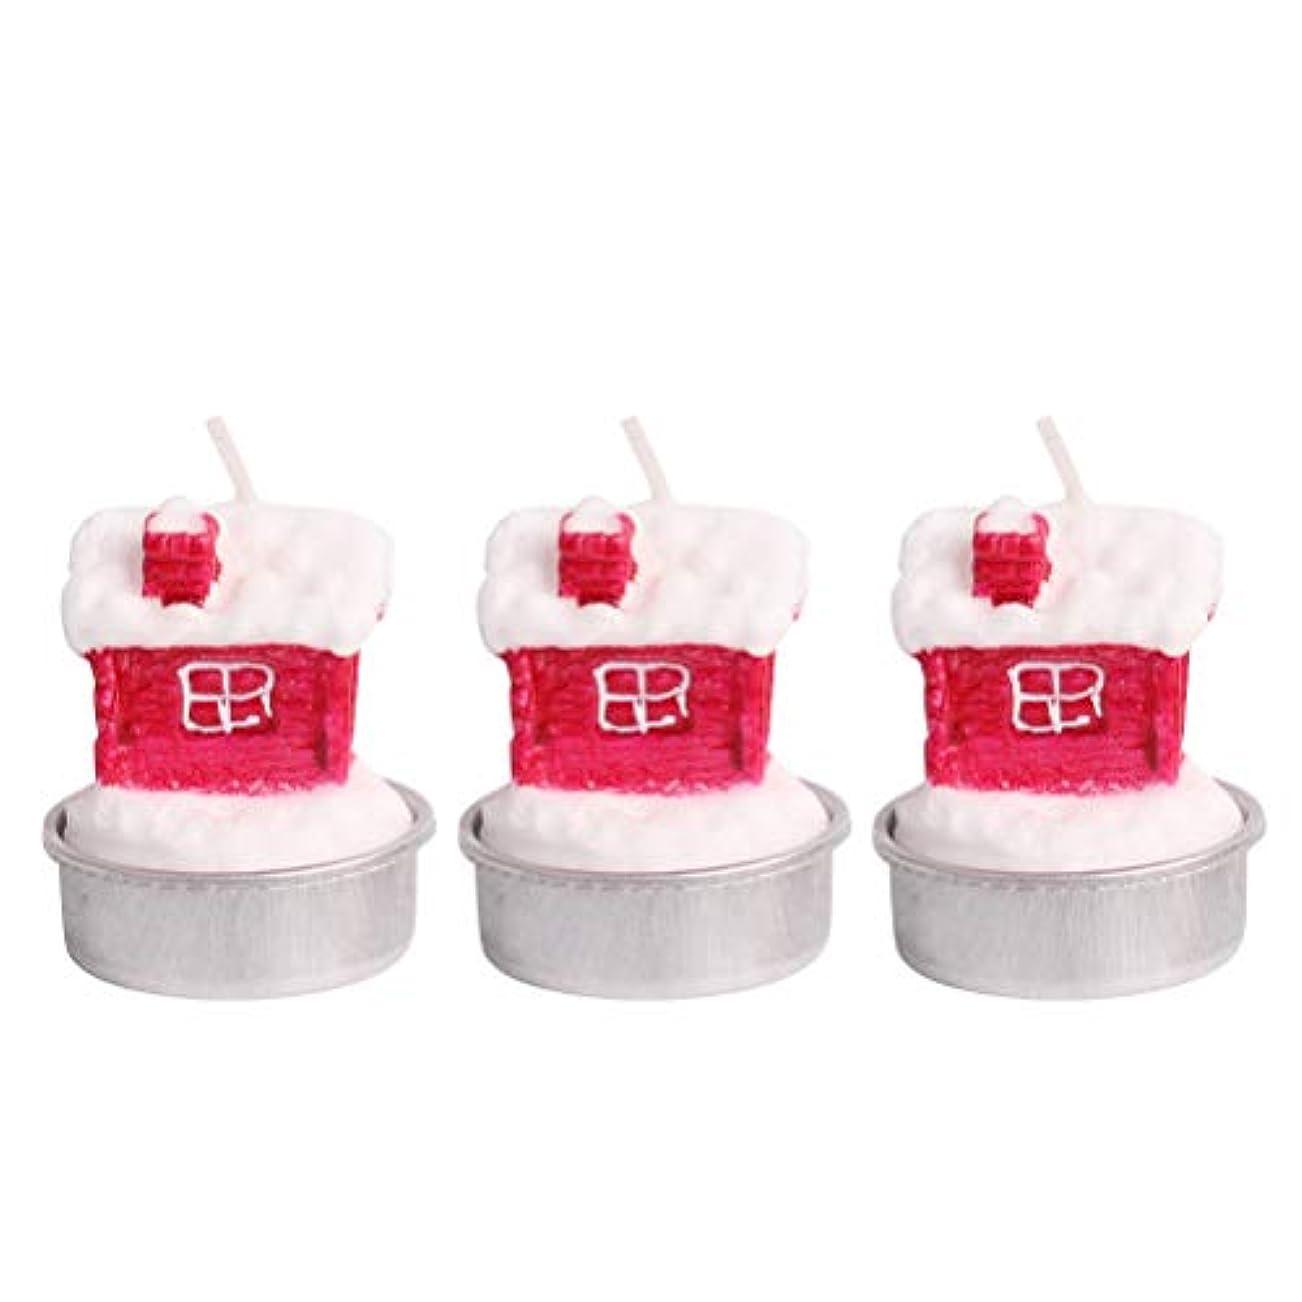 クリップ蝶影響力のある審判BESTOYARD ホルダー付きクリスマスキャンドルクリスマスハウステーブルデコレーション装飾品